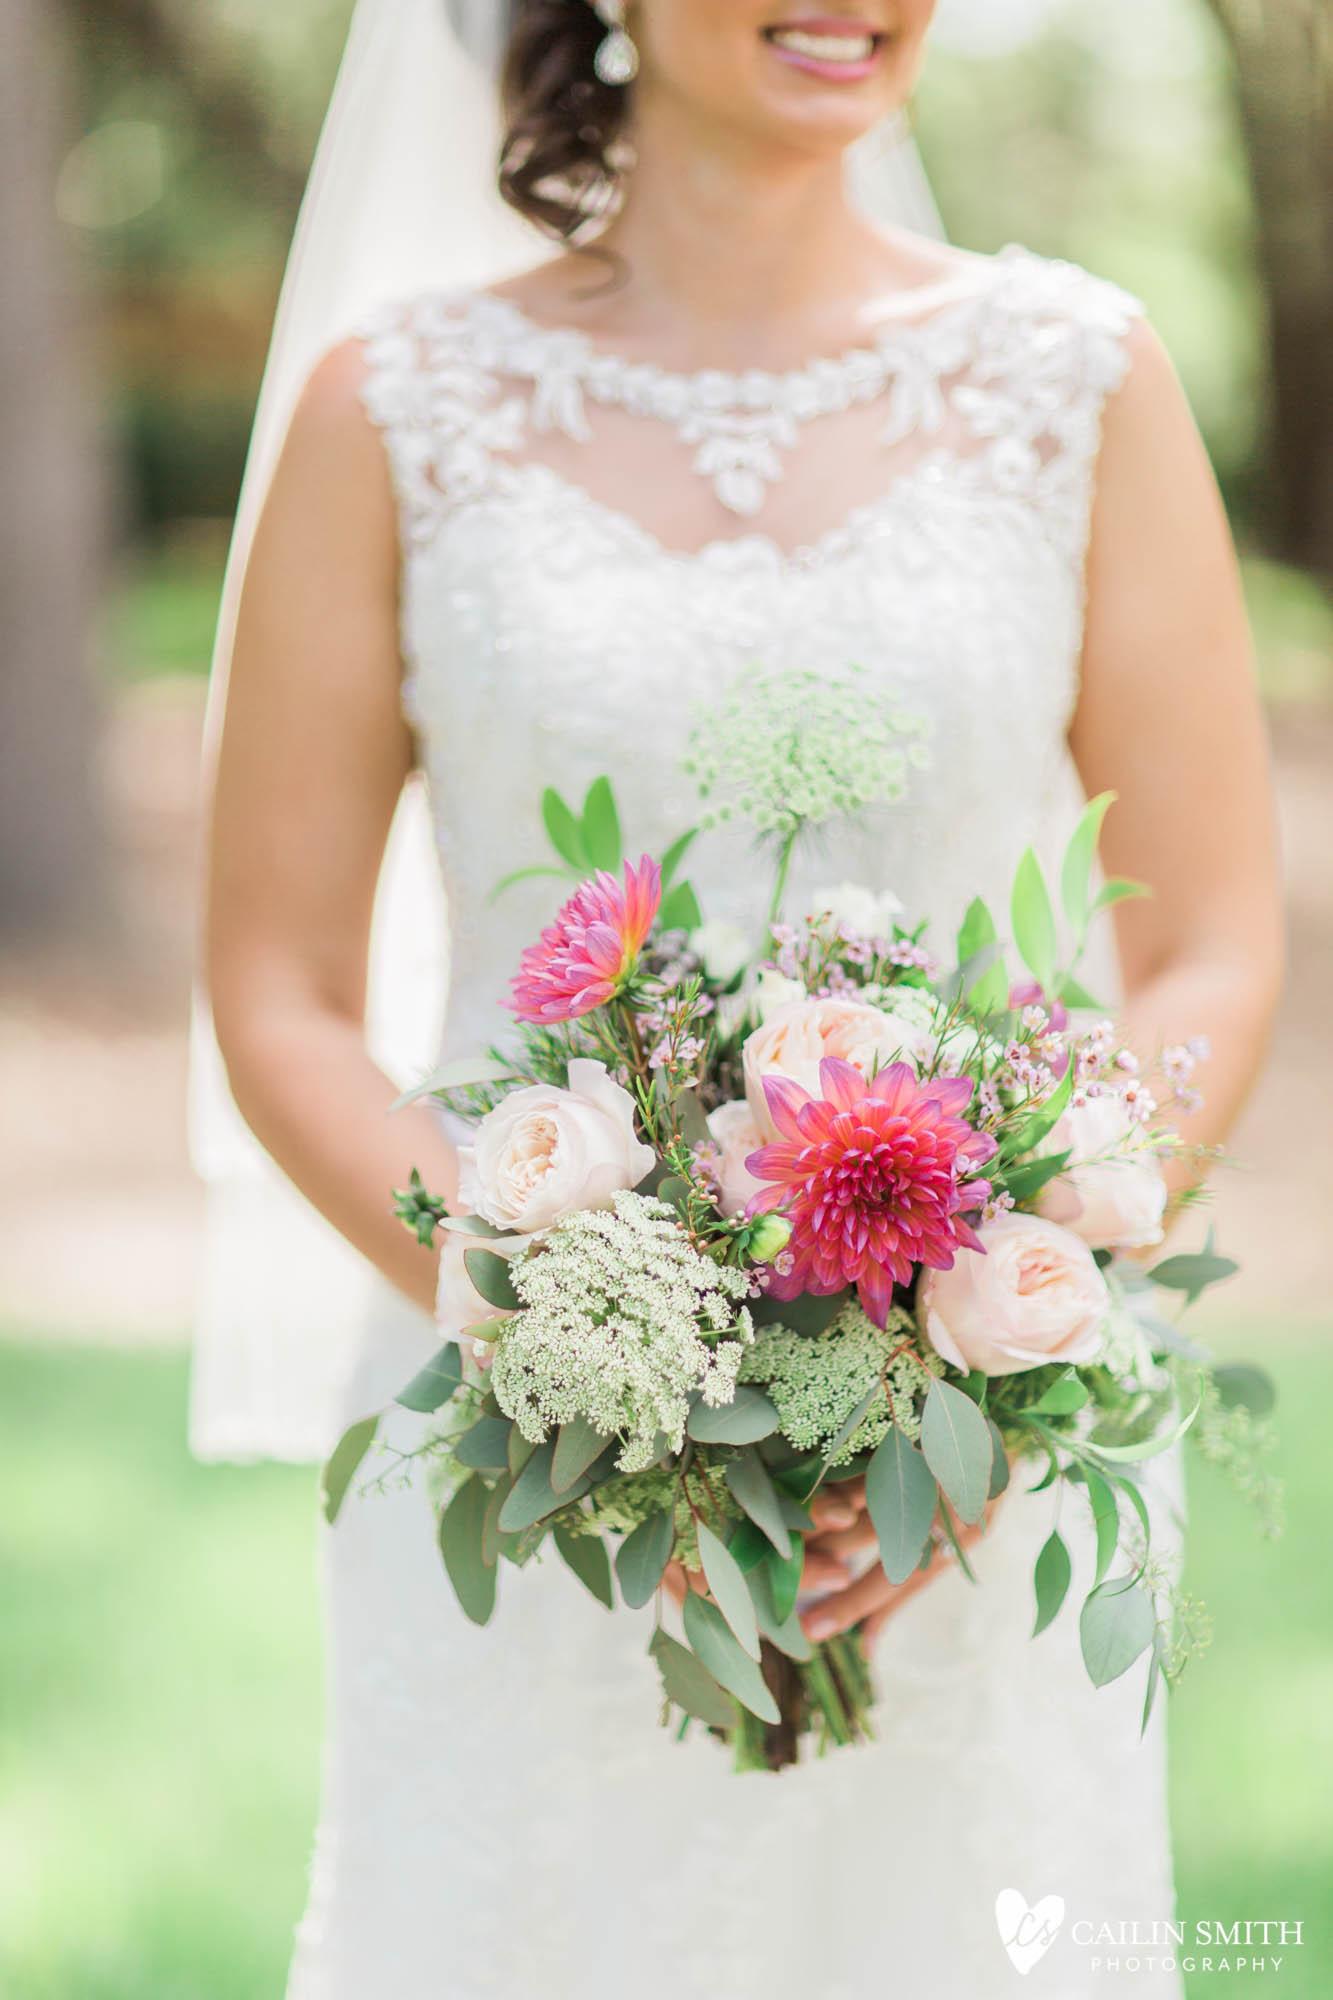 Bethany_Kyle_Bowing_Oaks_Plantation_Wedding_Photography_0039.jpg